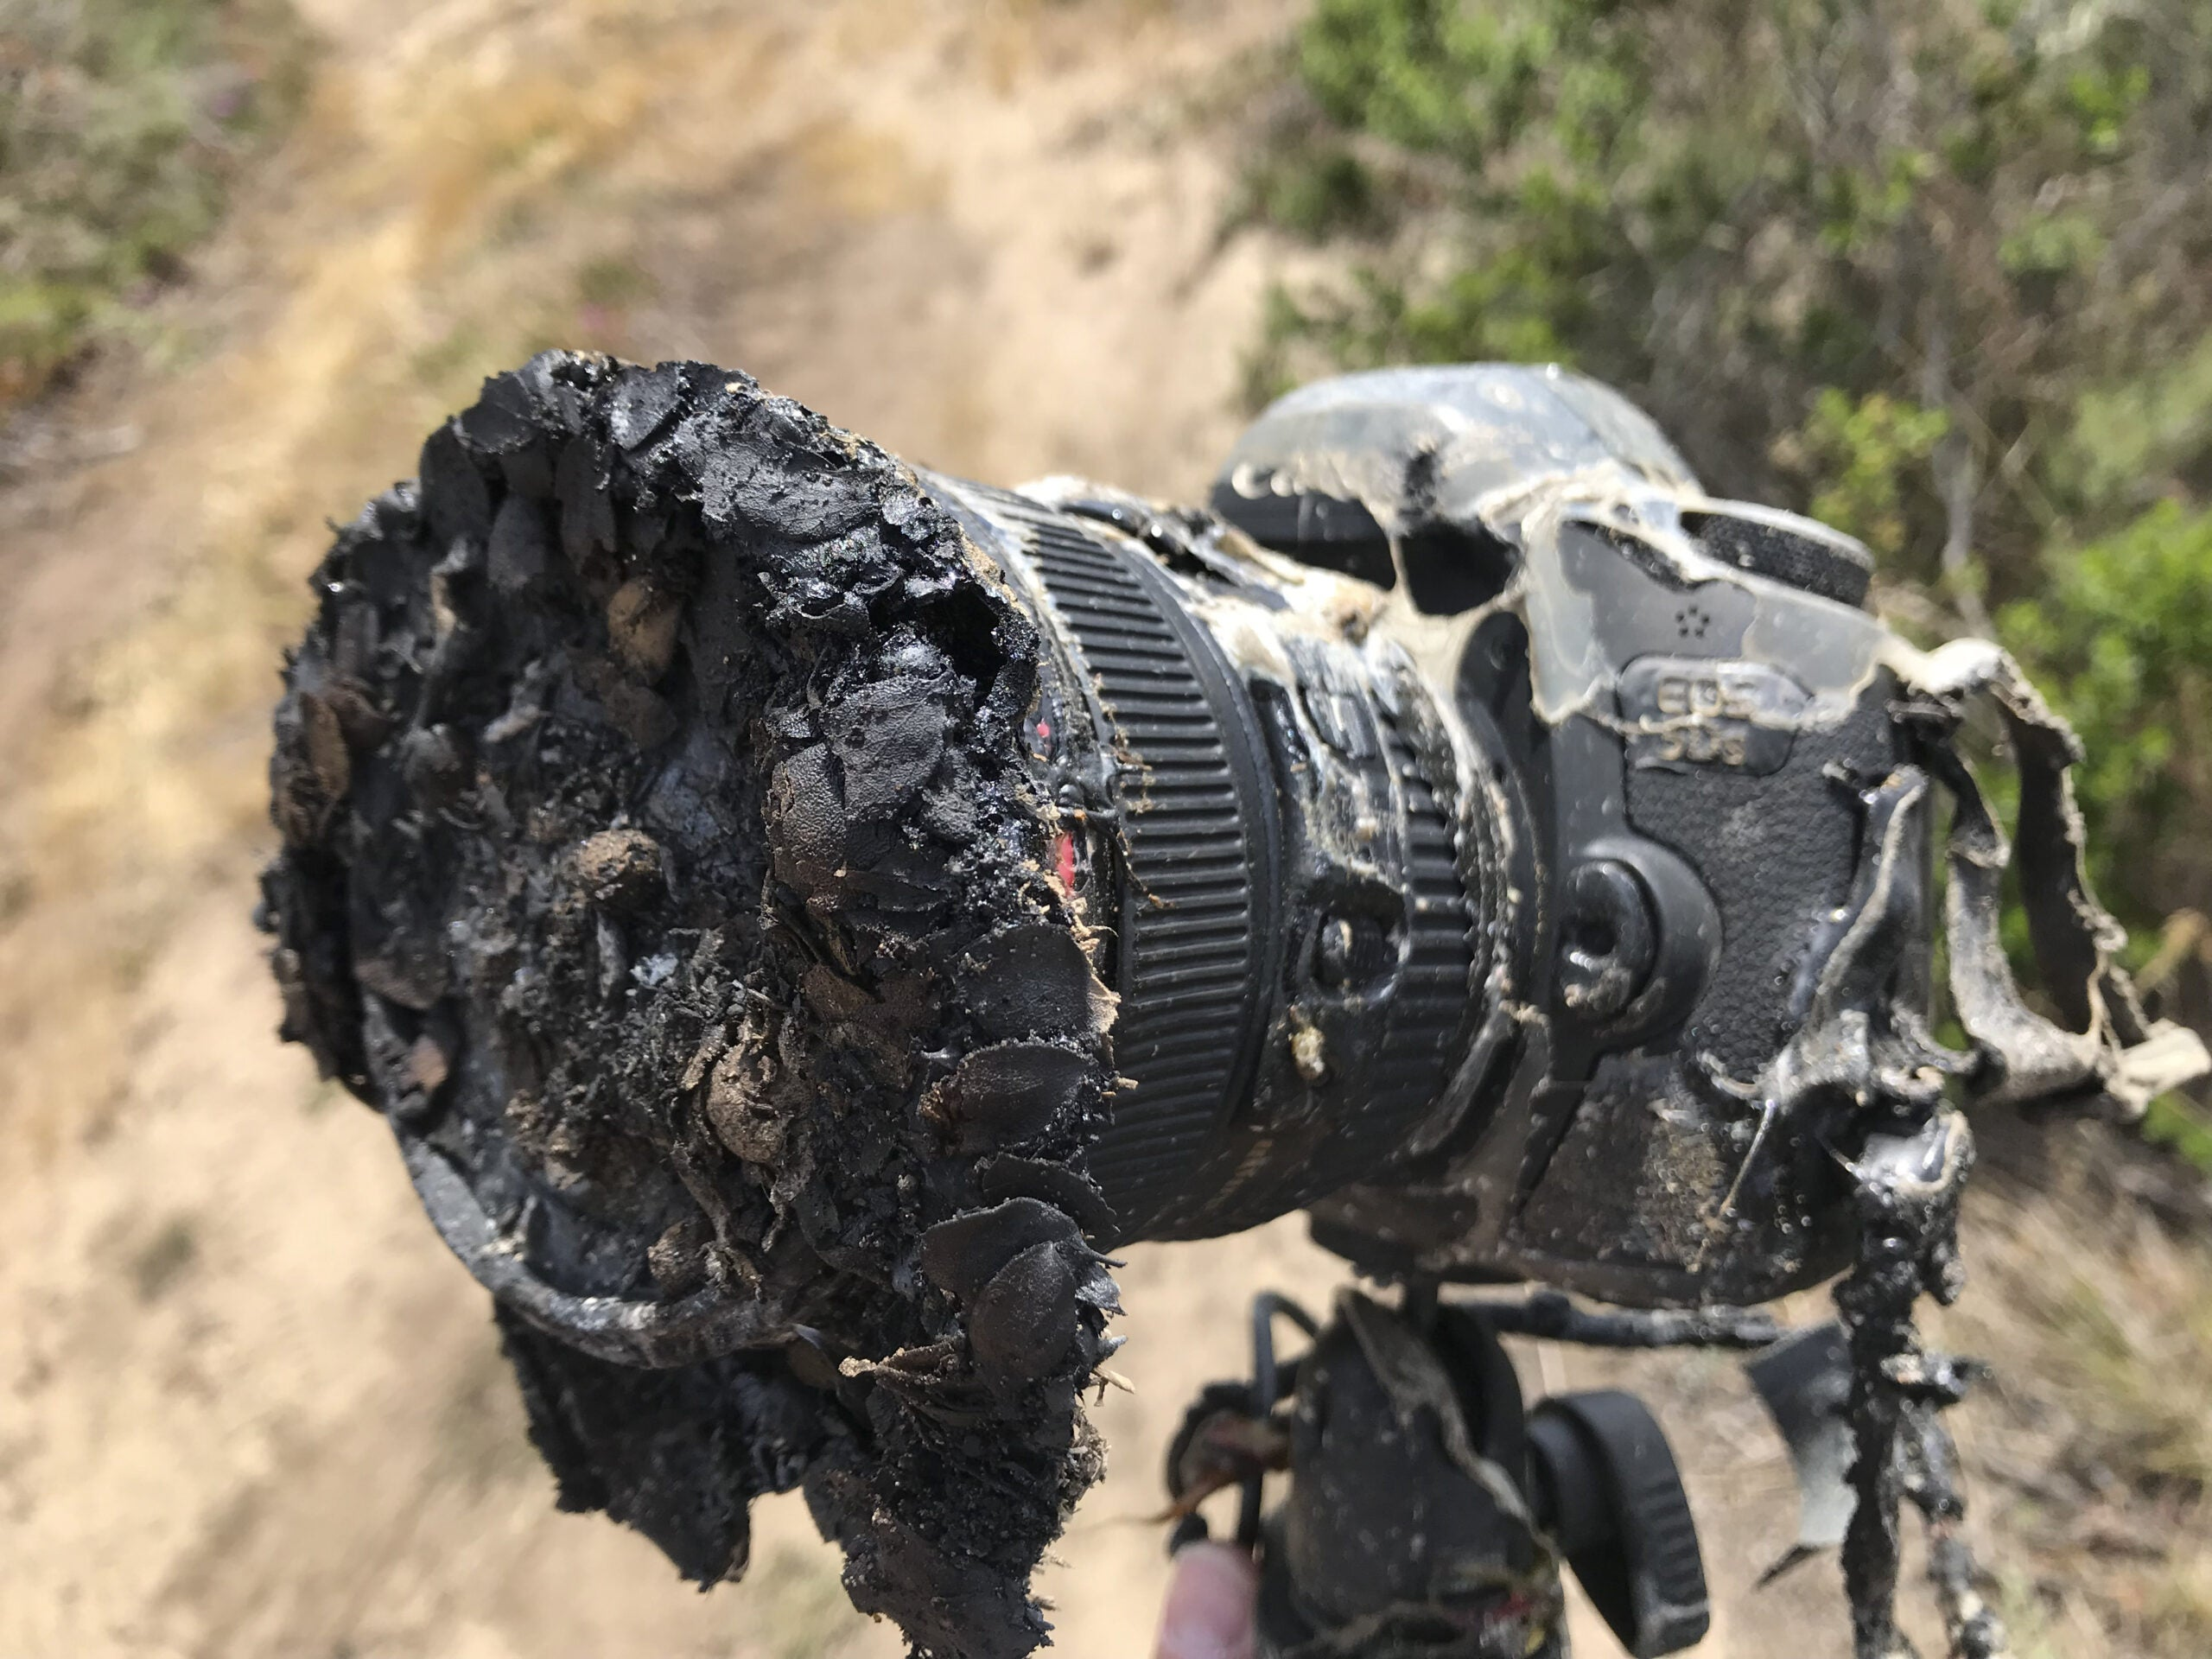 burned melted camera